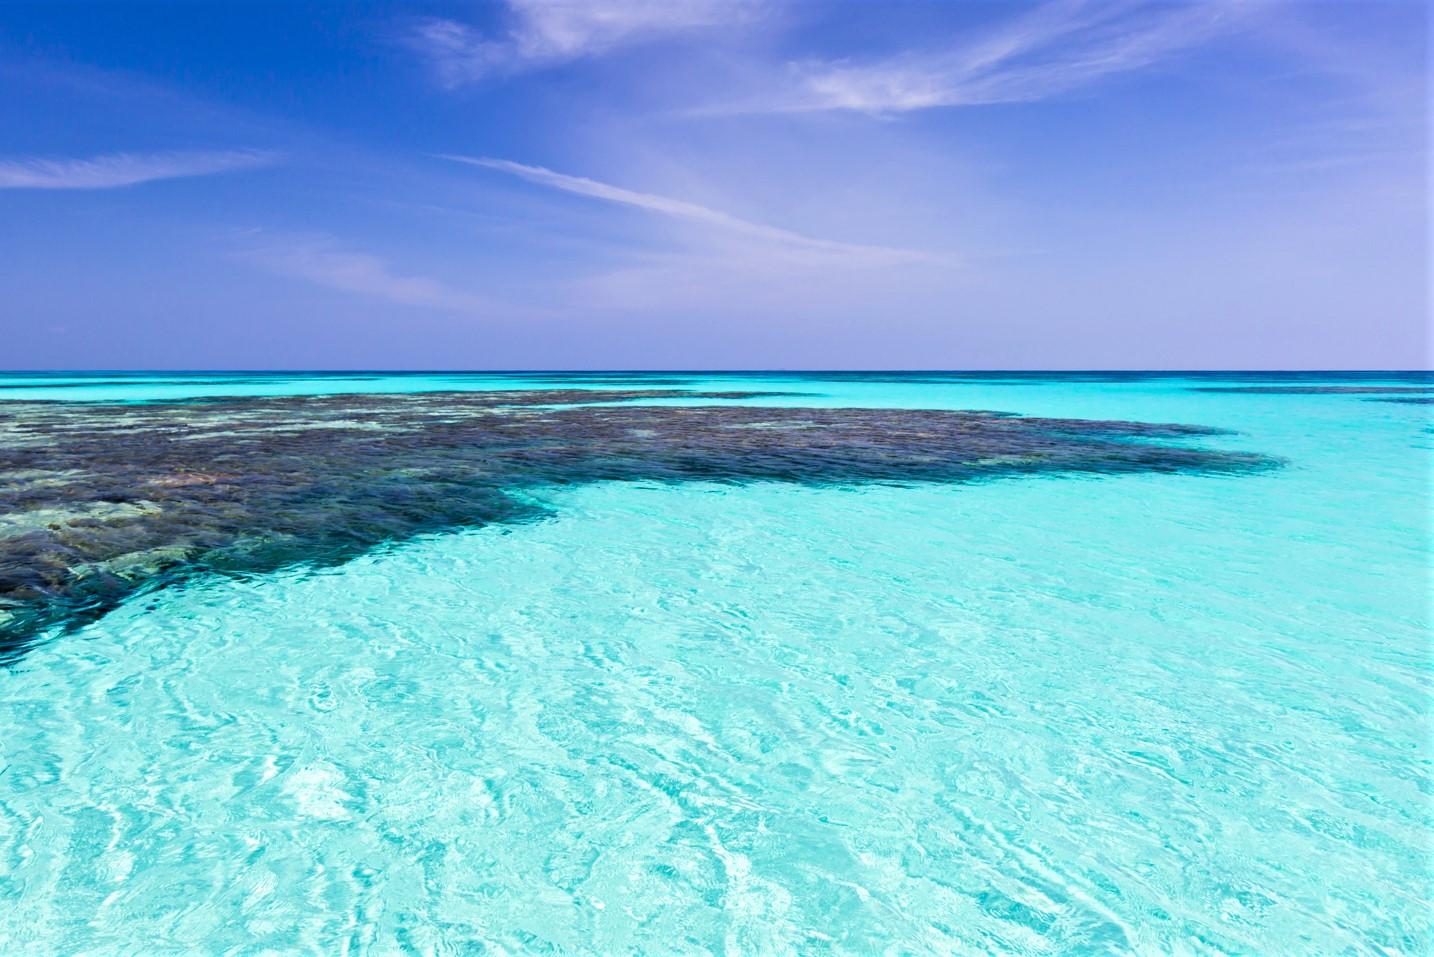 波照間ブルーの海